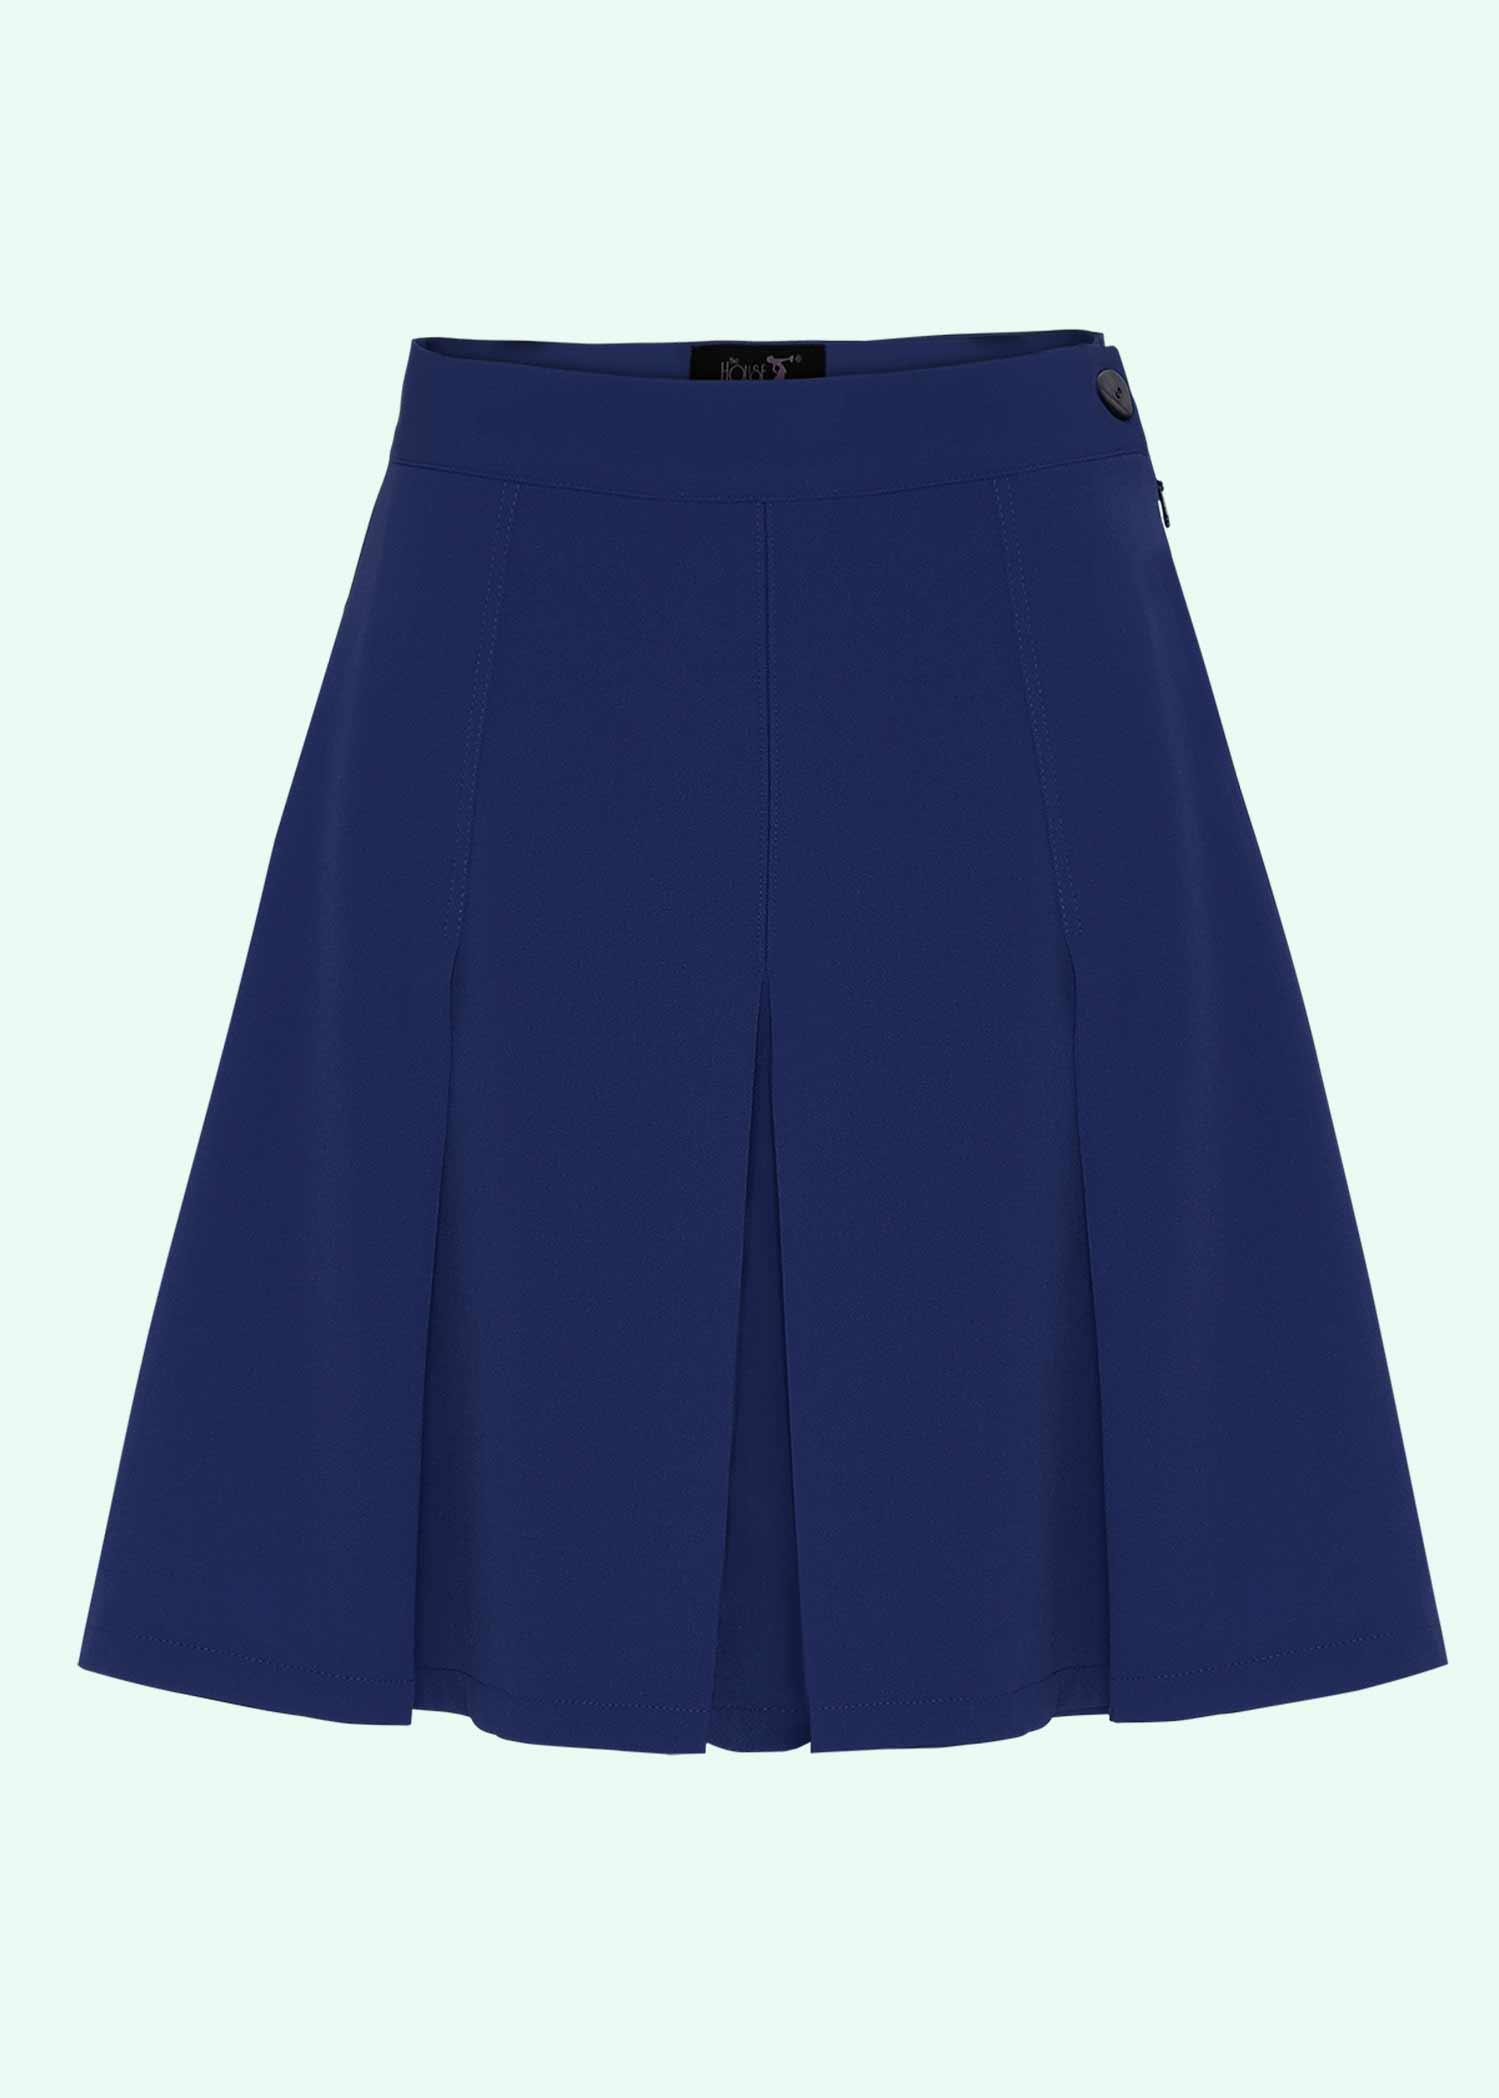 Højtaljede navy blå shorts fra The House Of Foxy